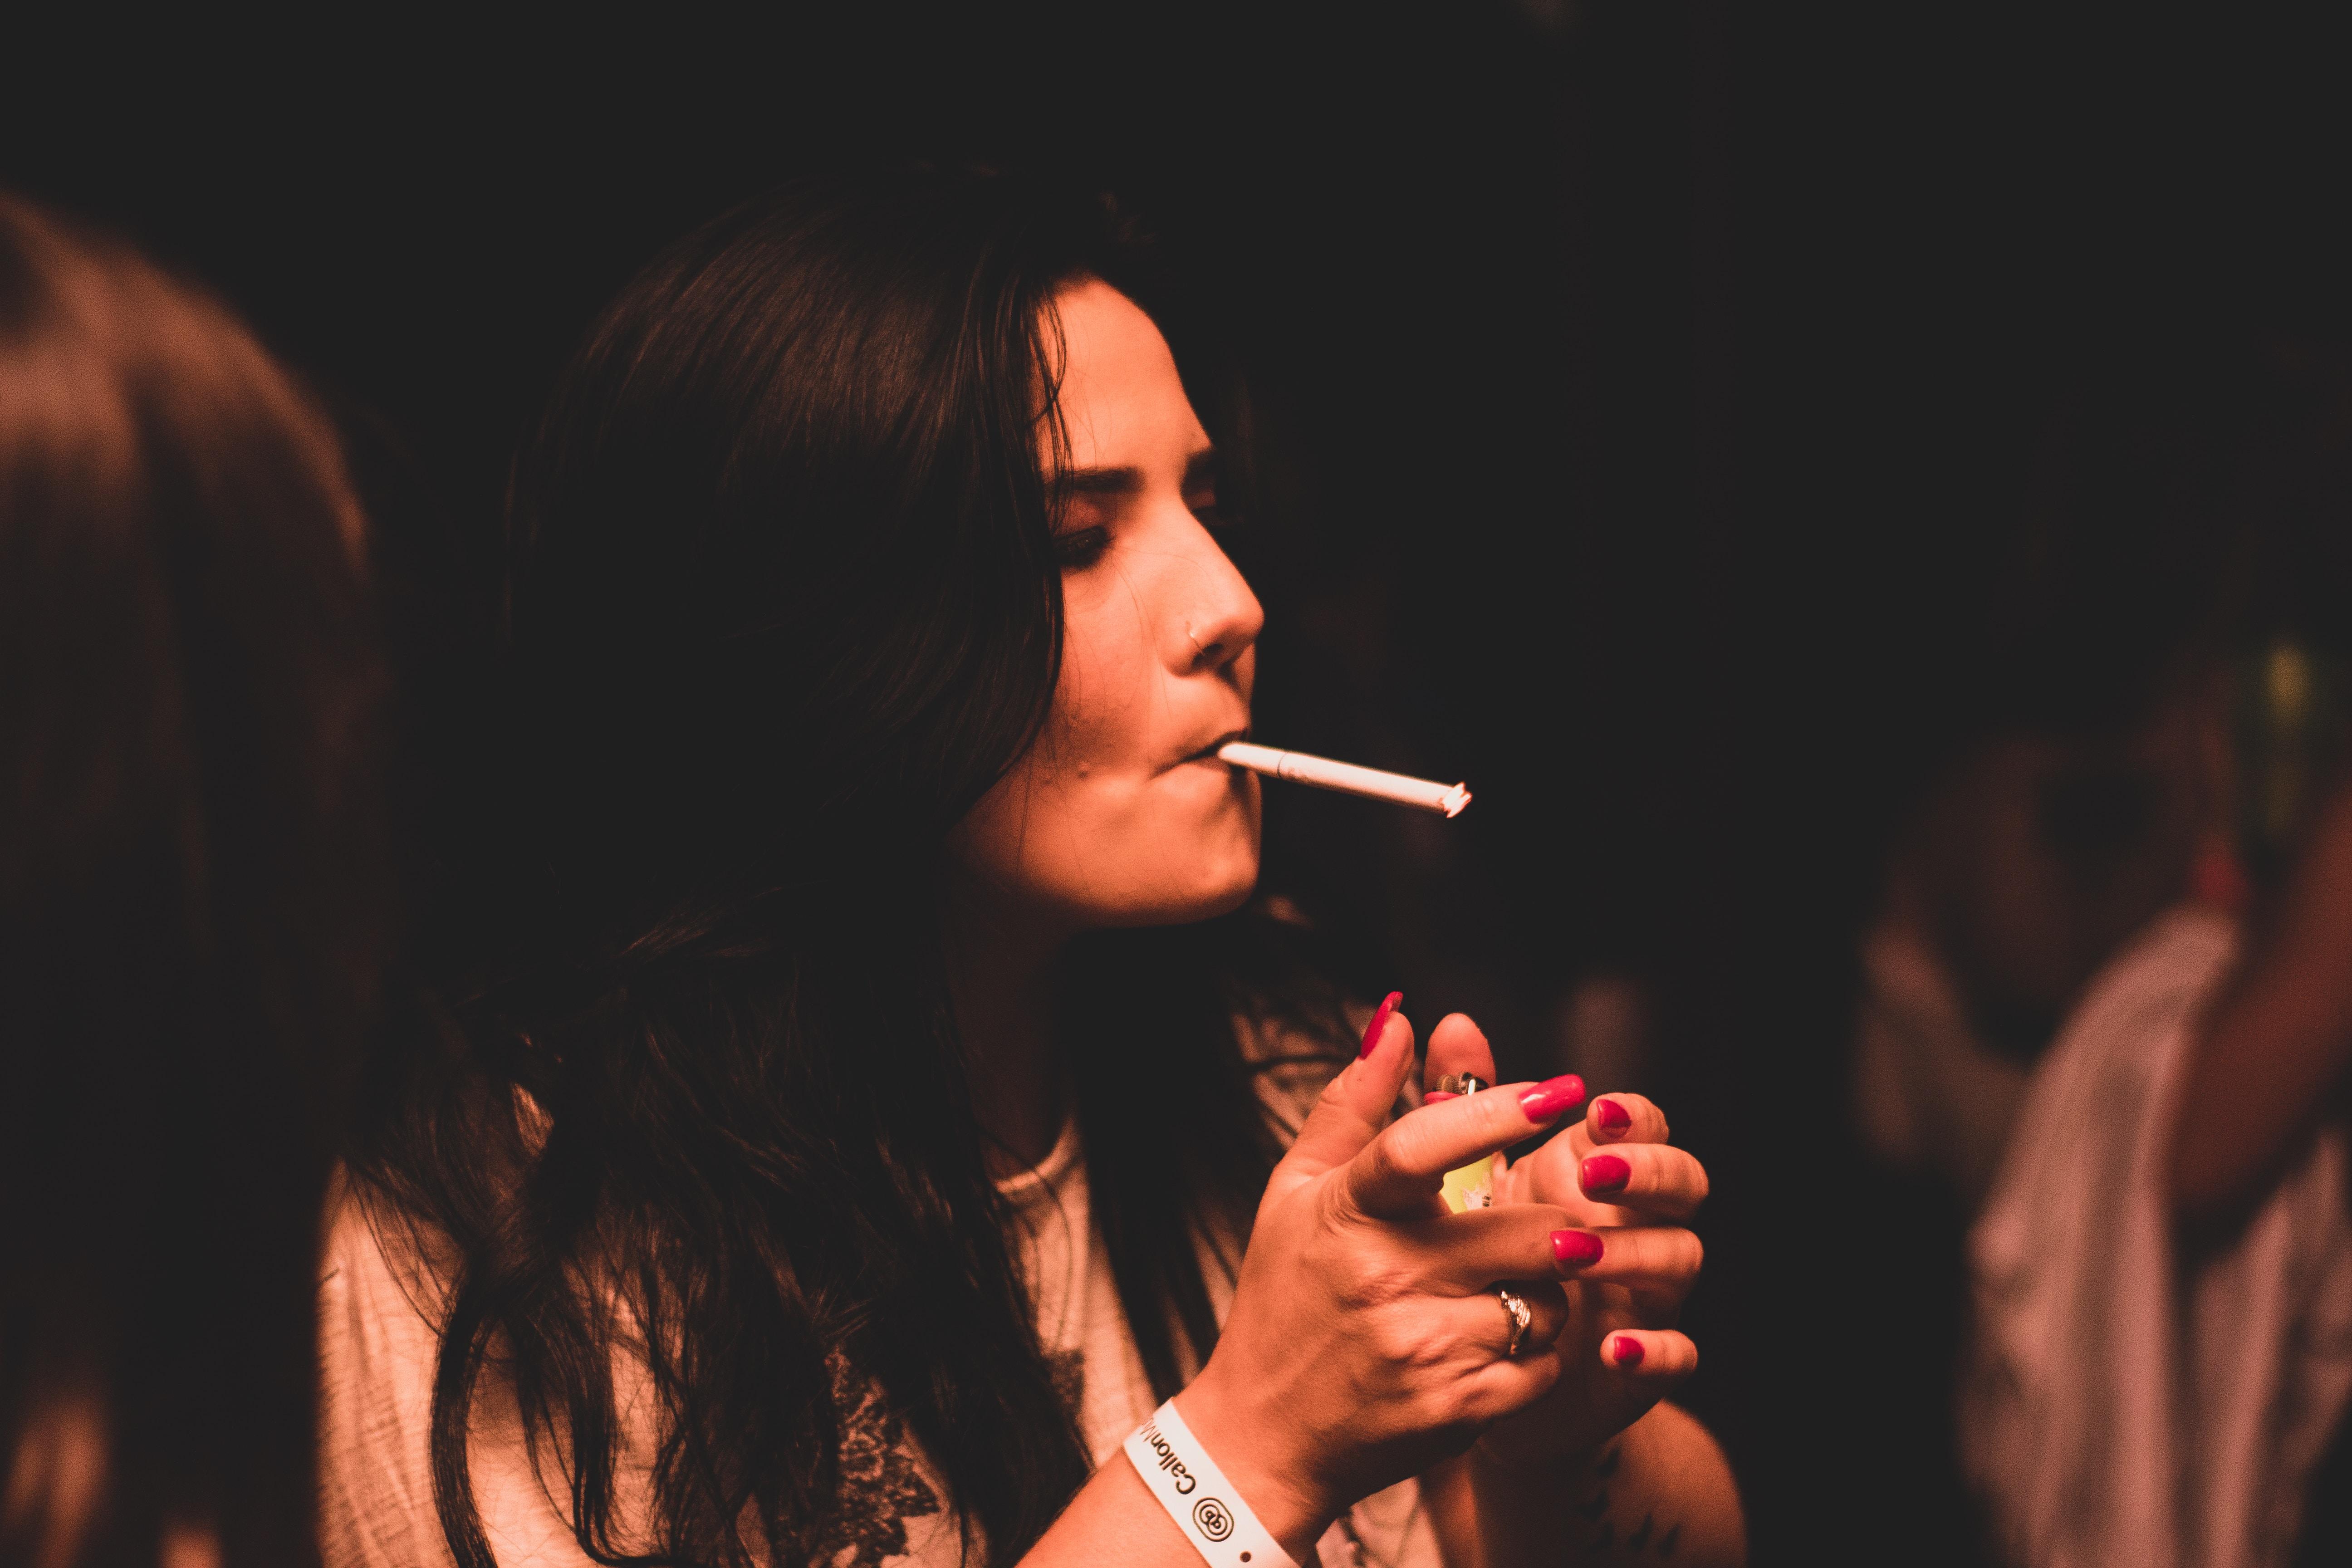 white cigarette stick